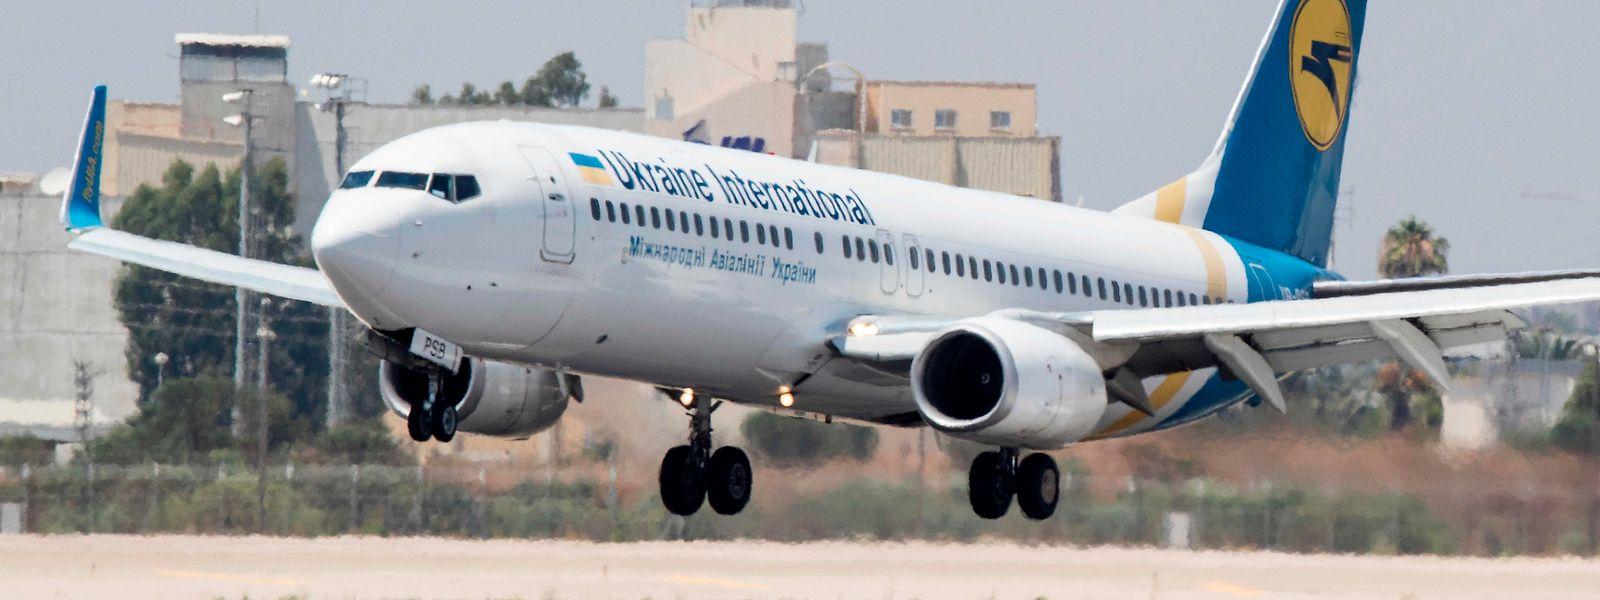 C'est un Boeing 737-3E7 de ce type qui s'est écrasé dans la banlieue de Téhéran.